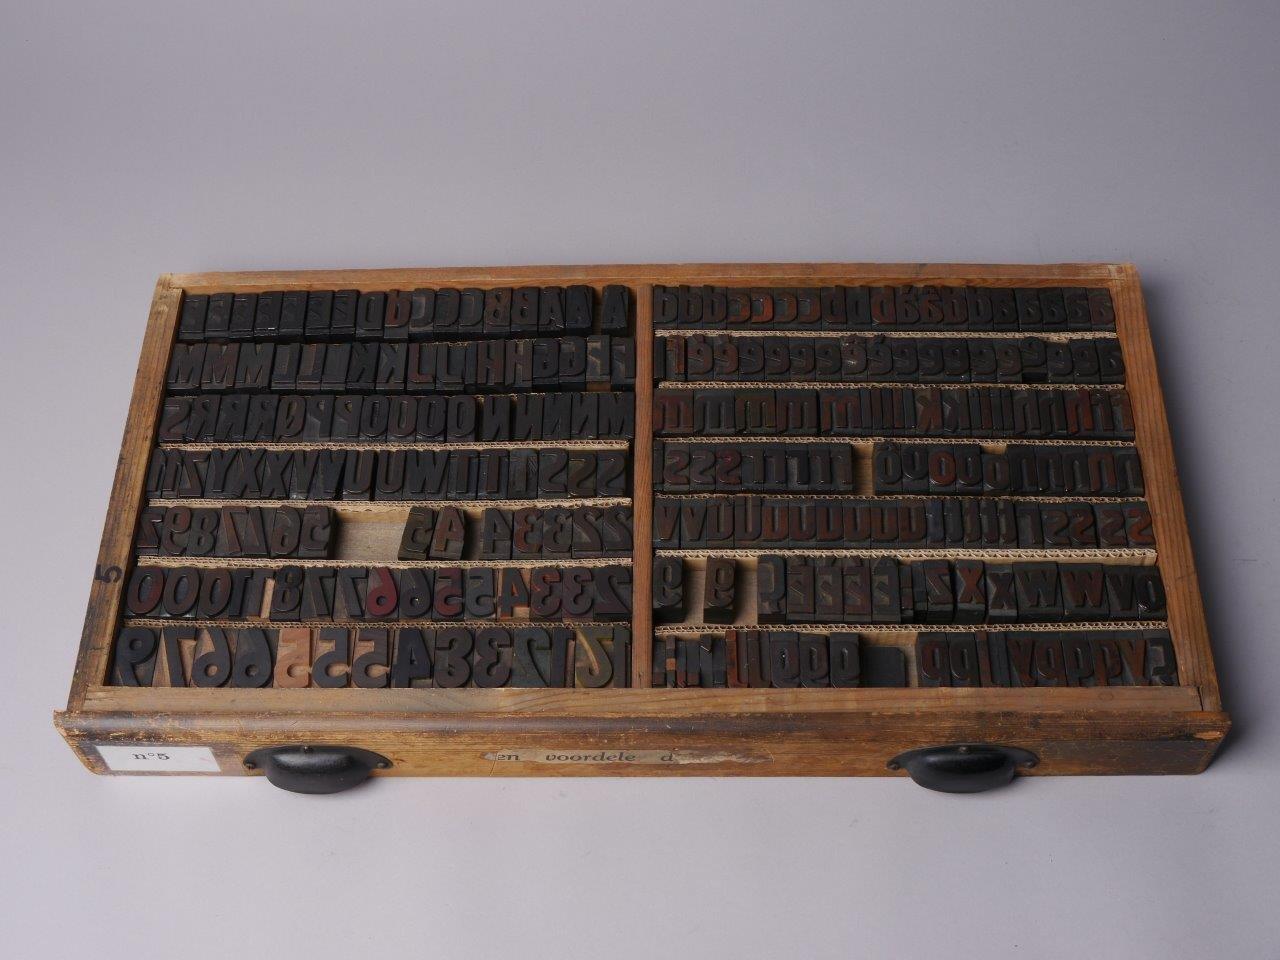 Houten kapitalen drukletters van het type Artistic